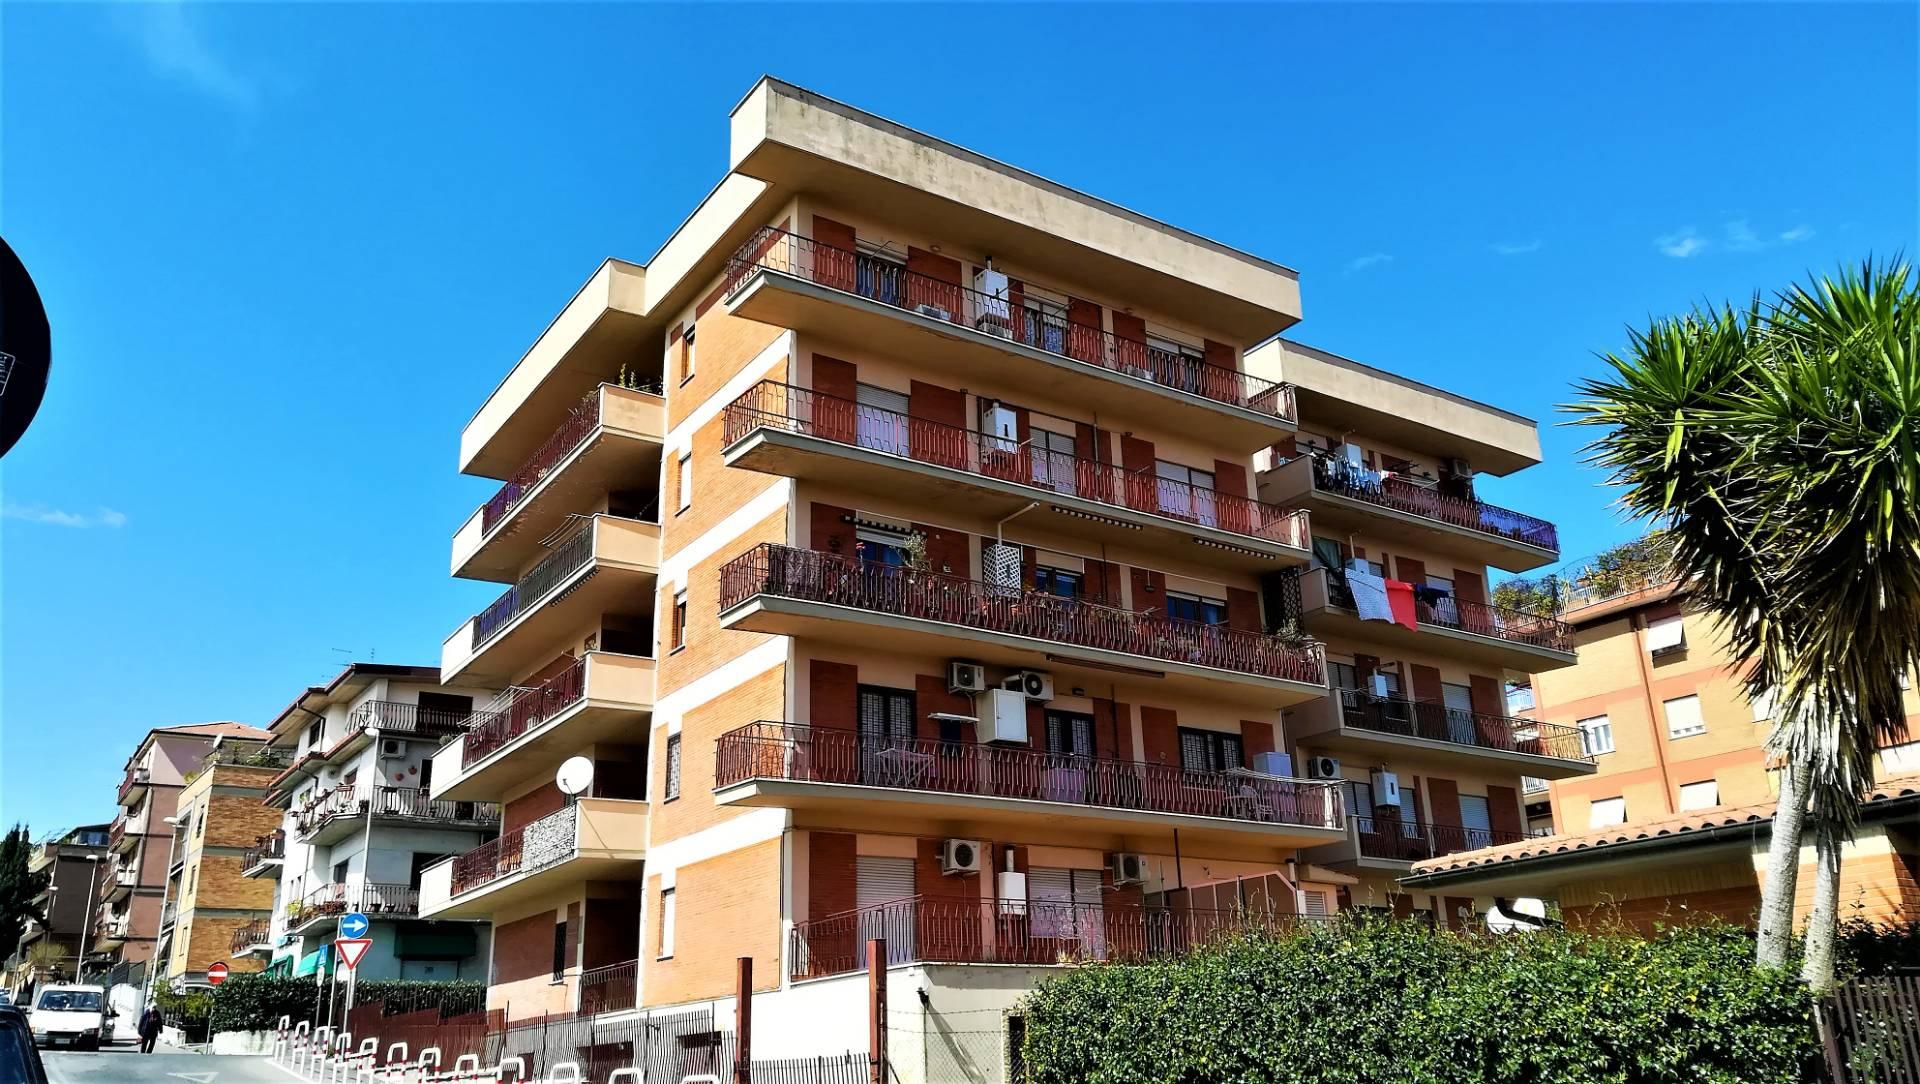 Cbi049 at1469 appartamento in affitto a monterotondo for Affitto ufficio monterotondo